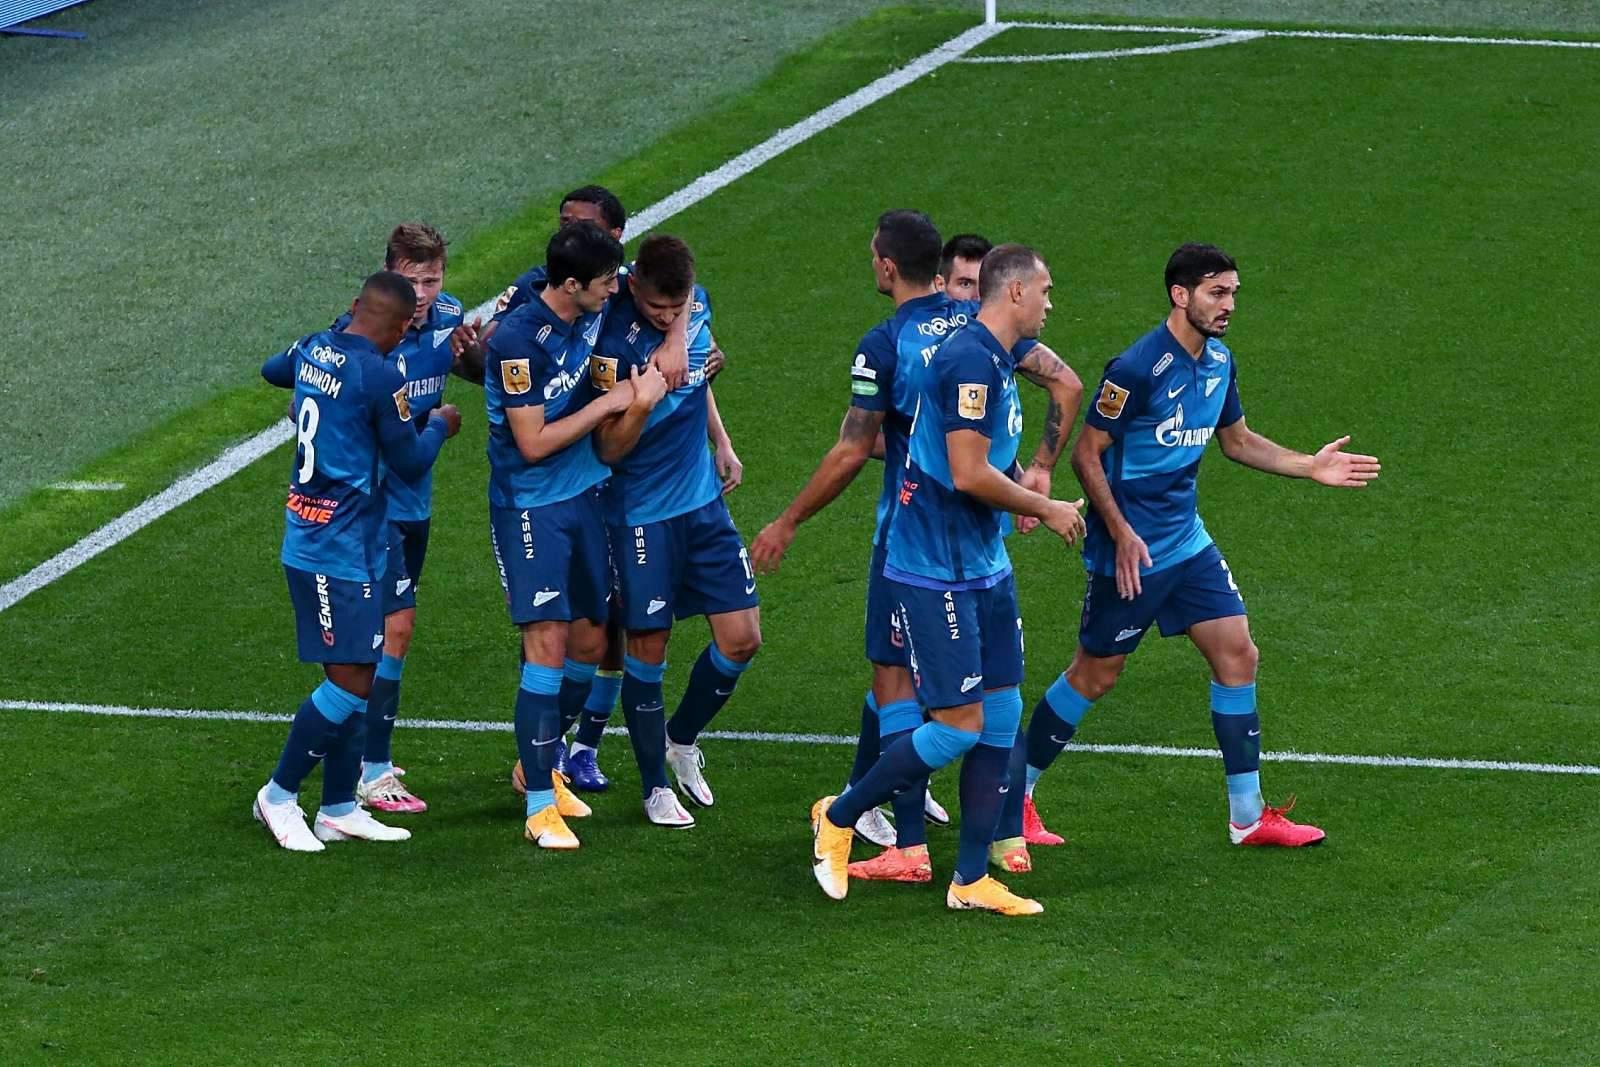 «Зенит» занимает 4 место по стоимости состава среди клубов не из топ-5 лиг Европы